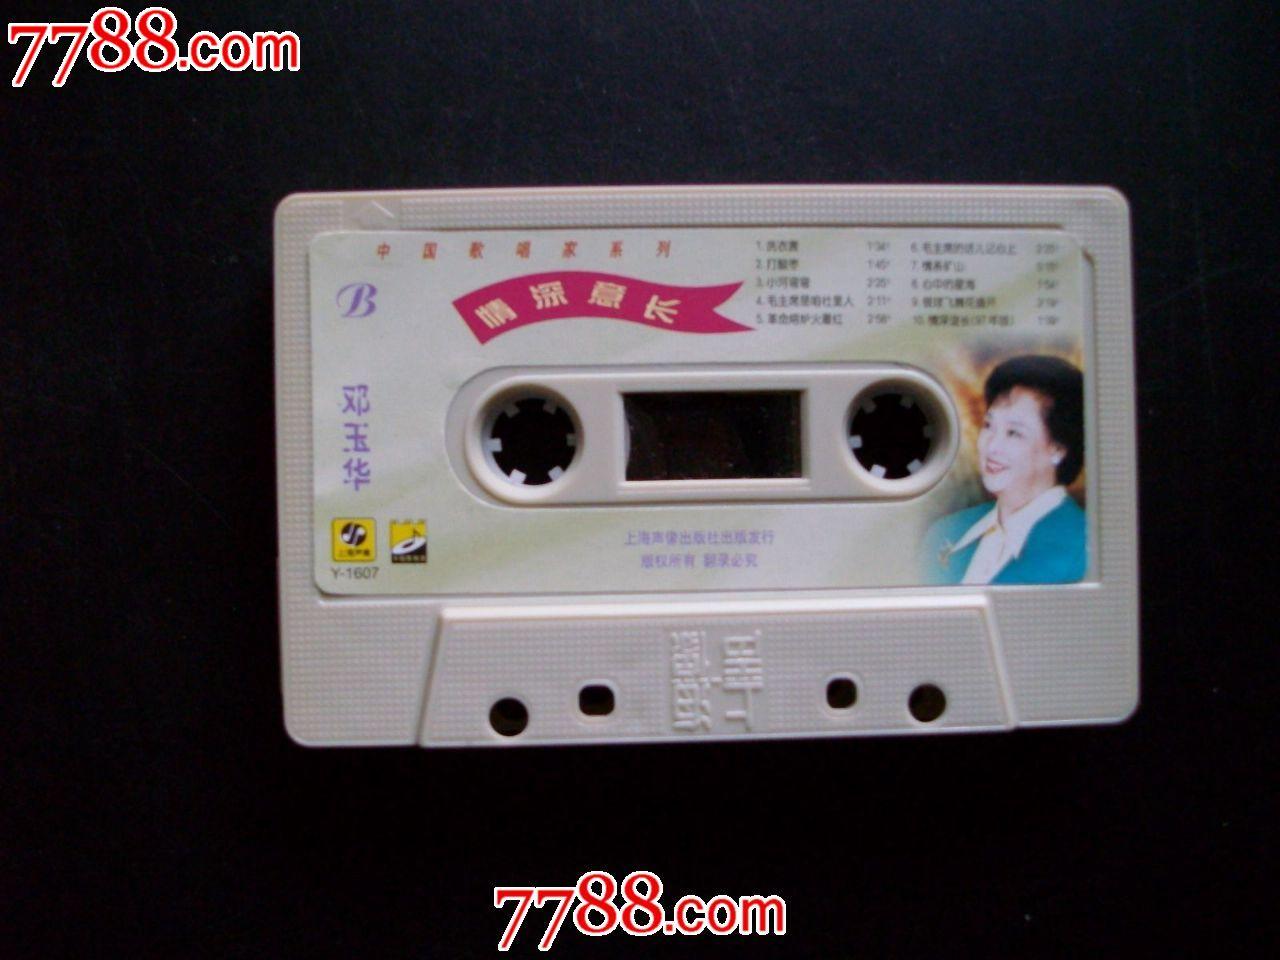 罕见-老歌唱家邓玉华签名-情深意长